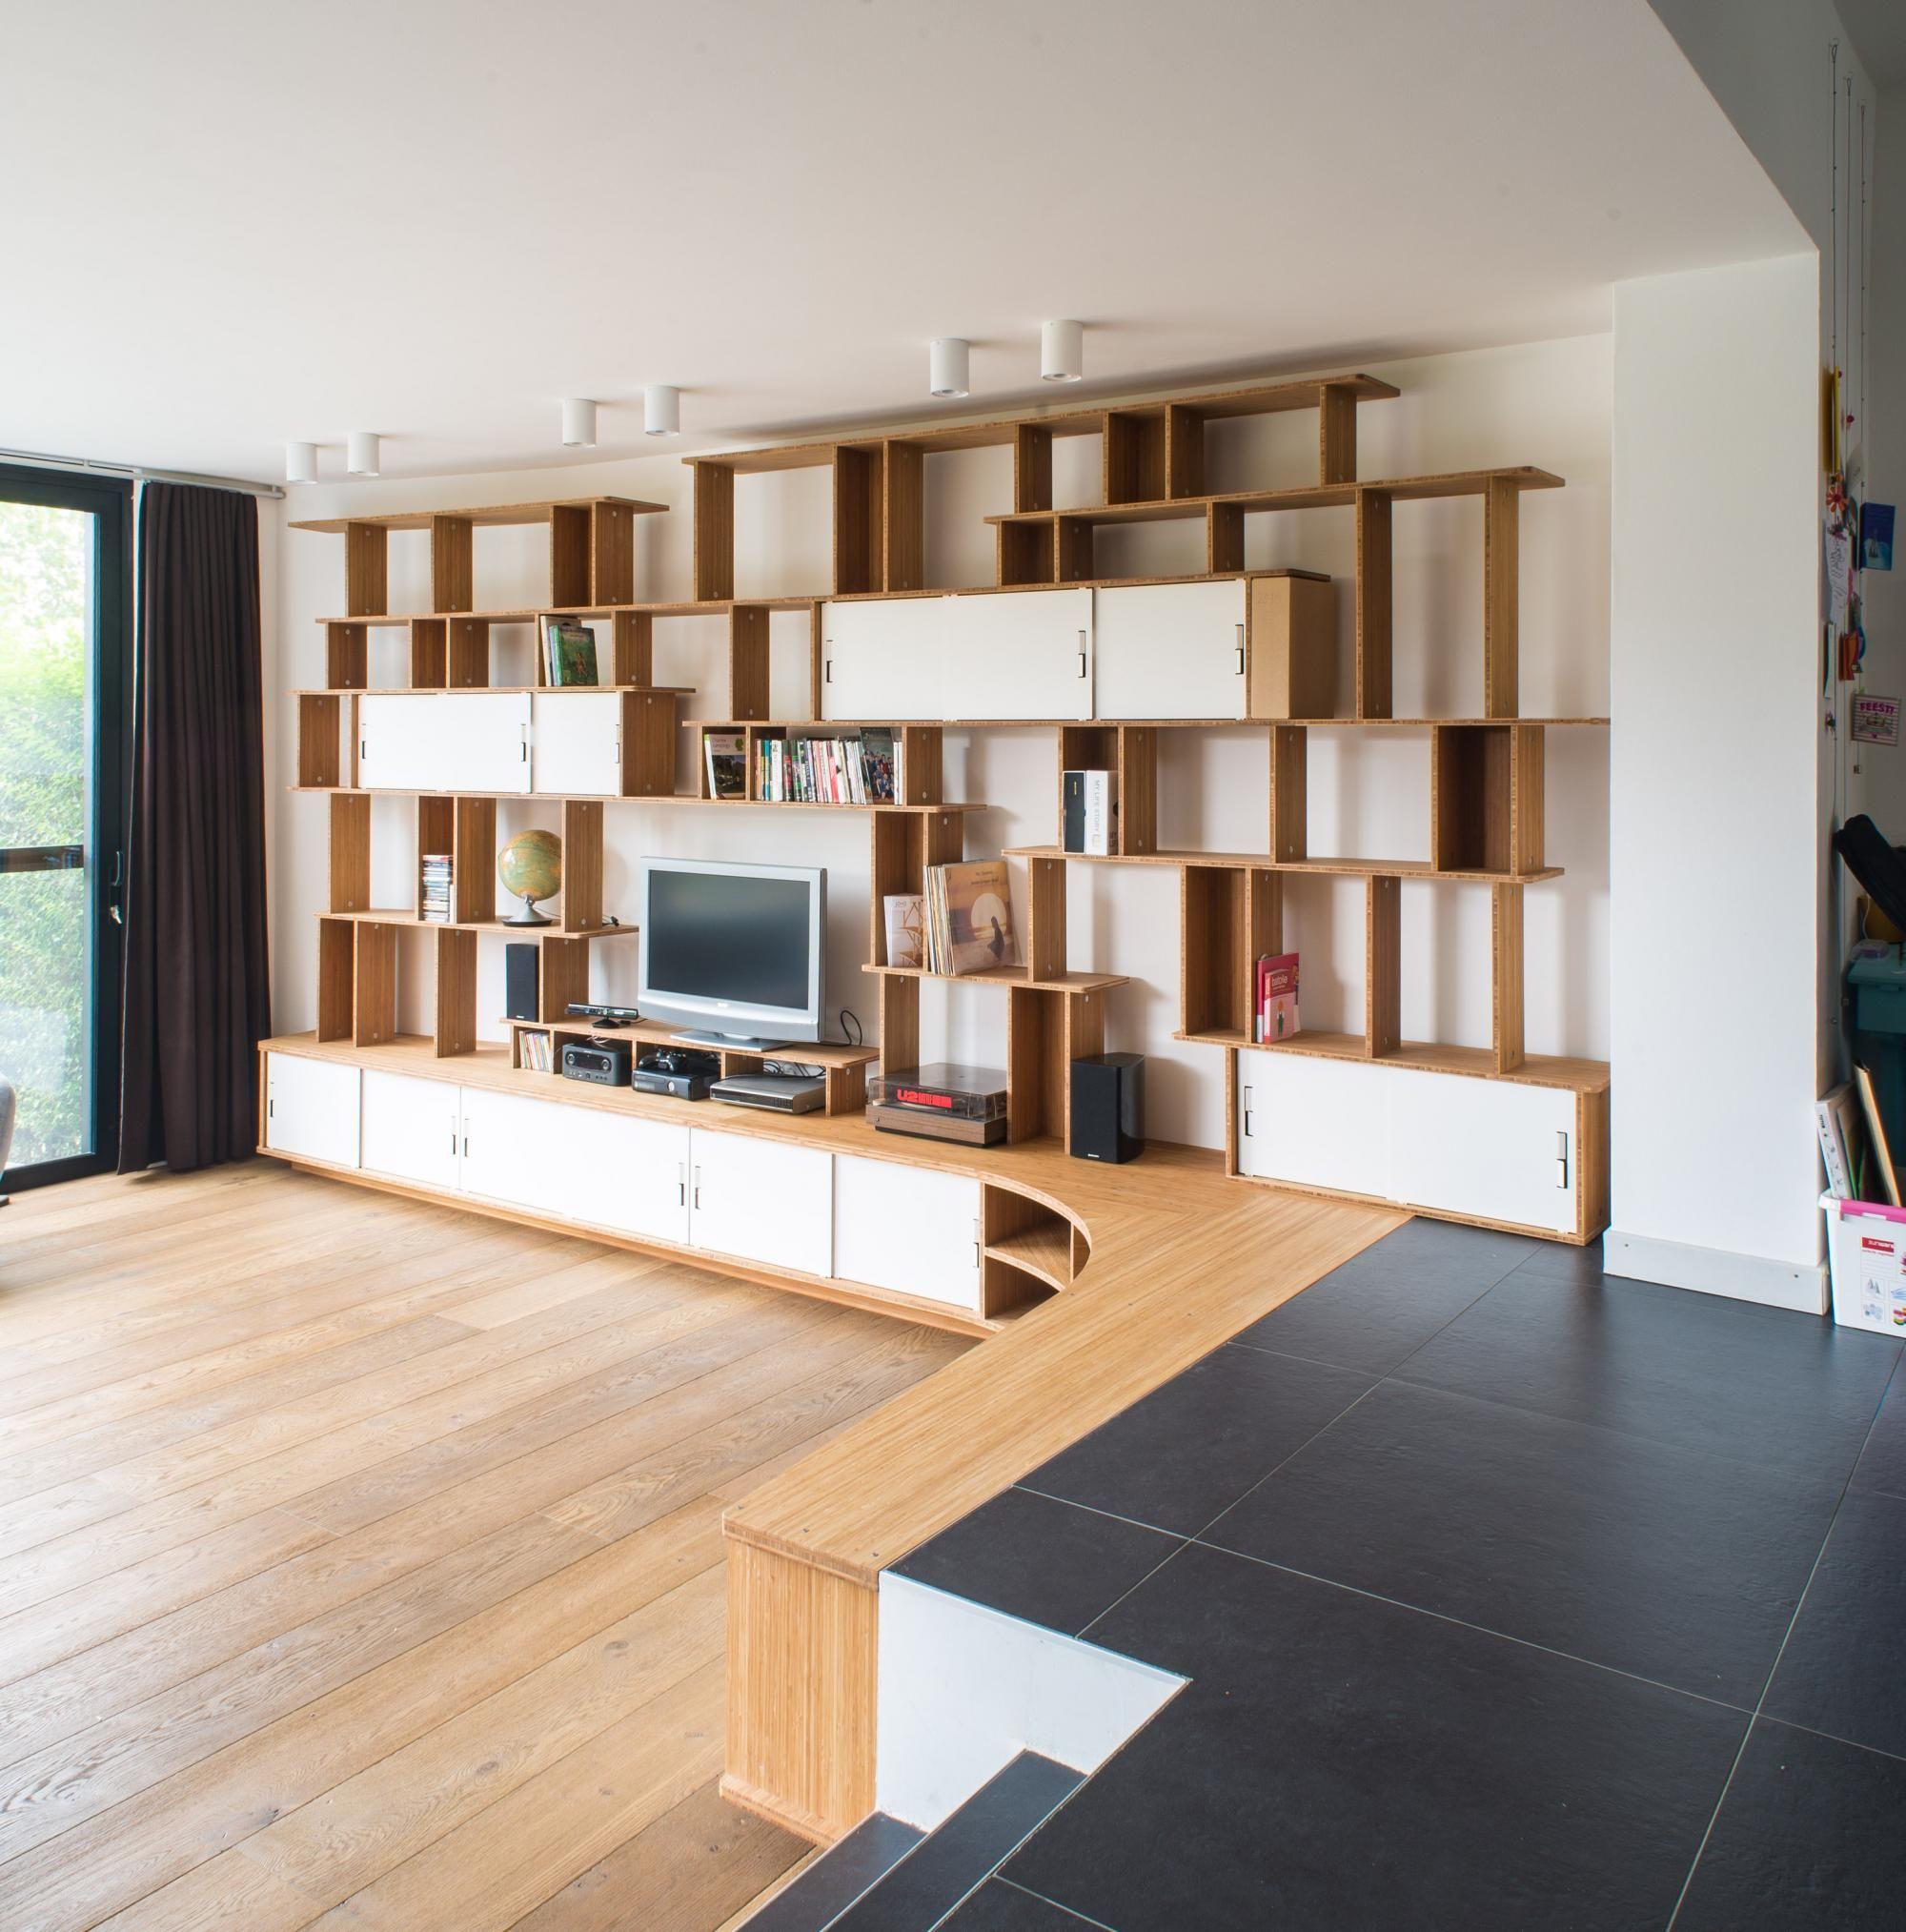 grande bibliothque meuble tv en bois avec rangements ferms par des portes coulissantes en acier blanc - Grand Meuble Tv Bibliotheque